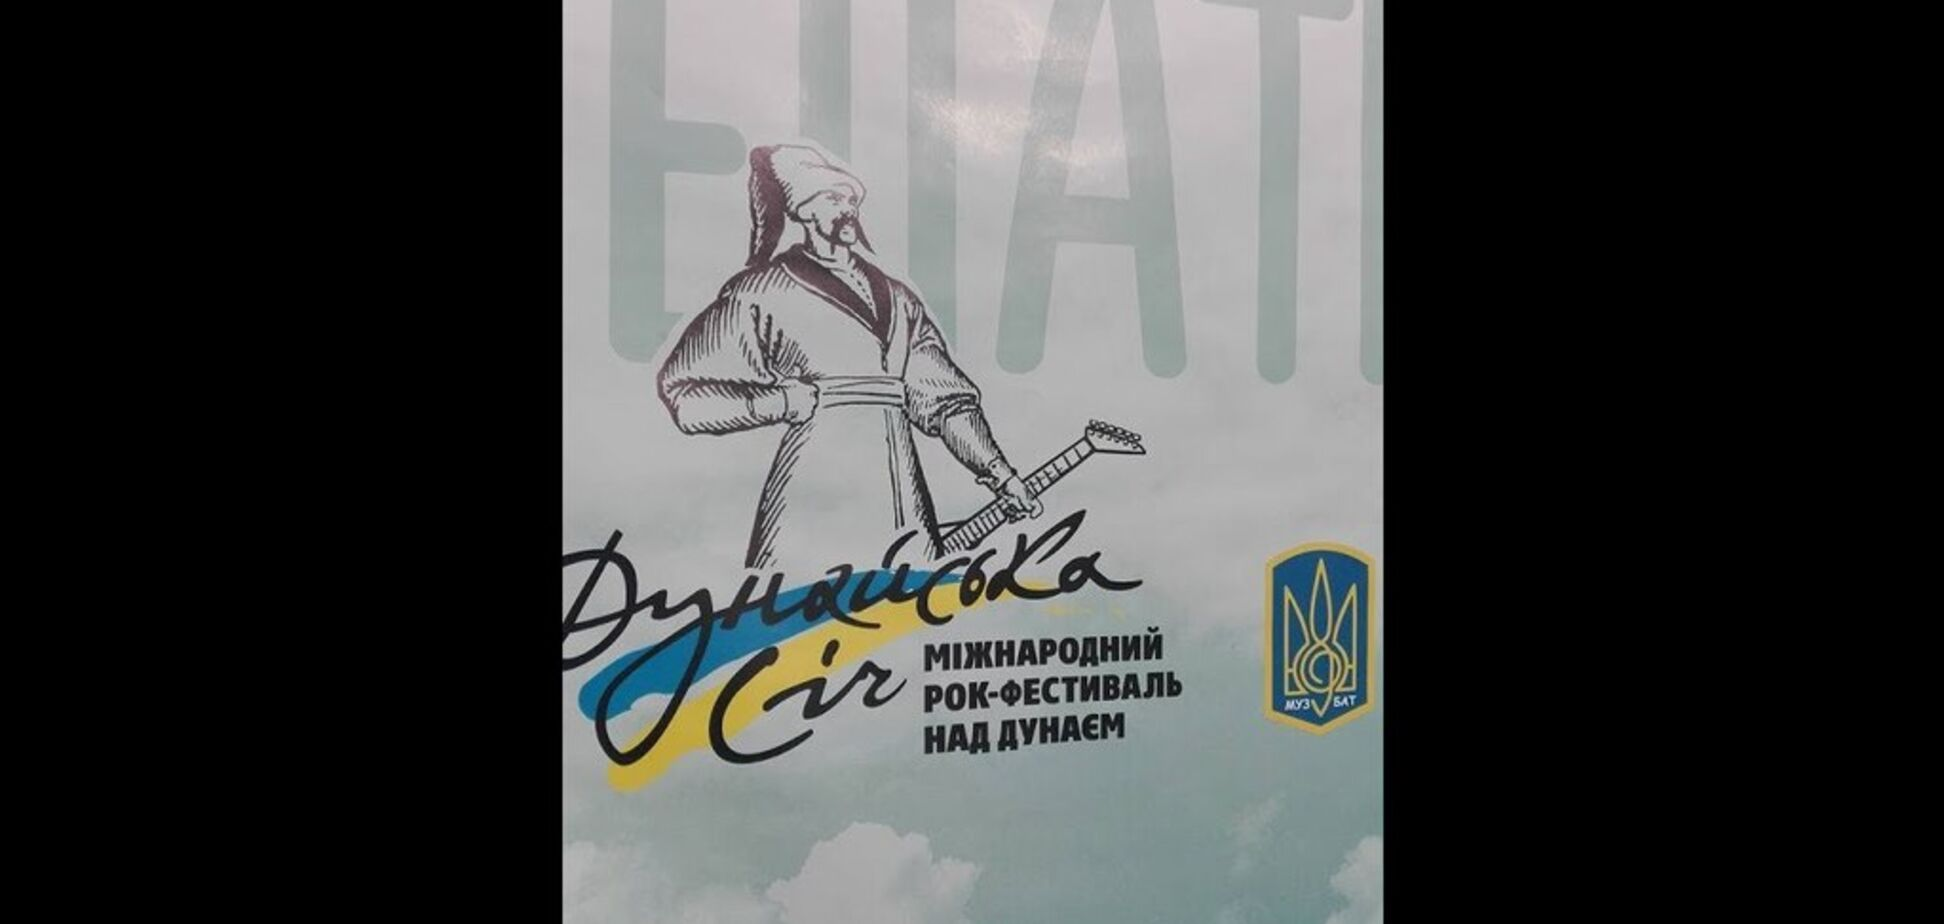 'Дунайська січ' в колі брендів